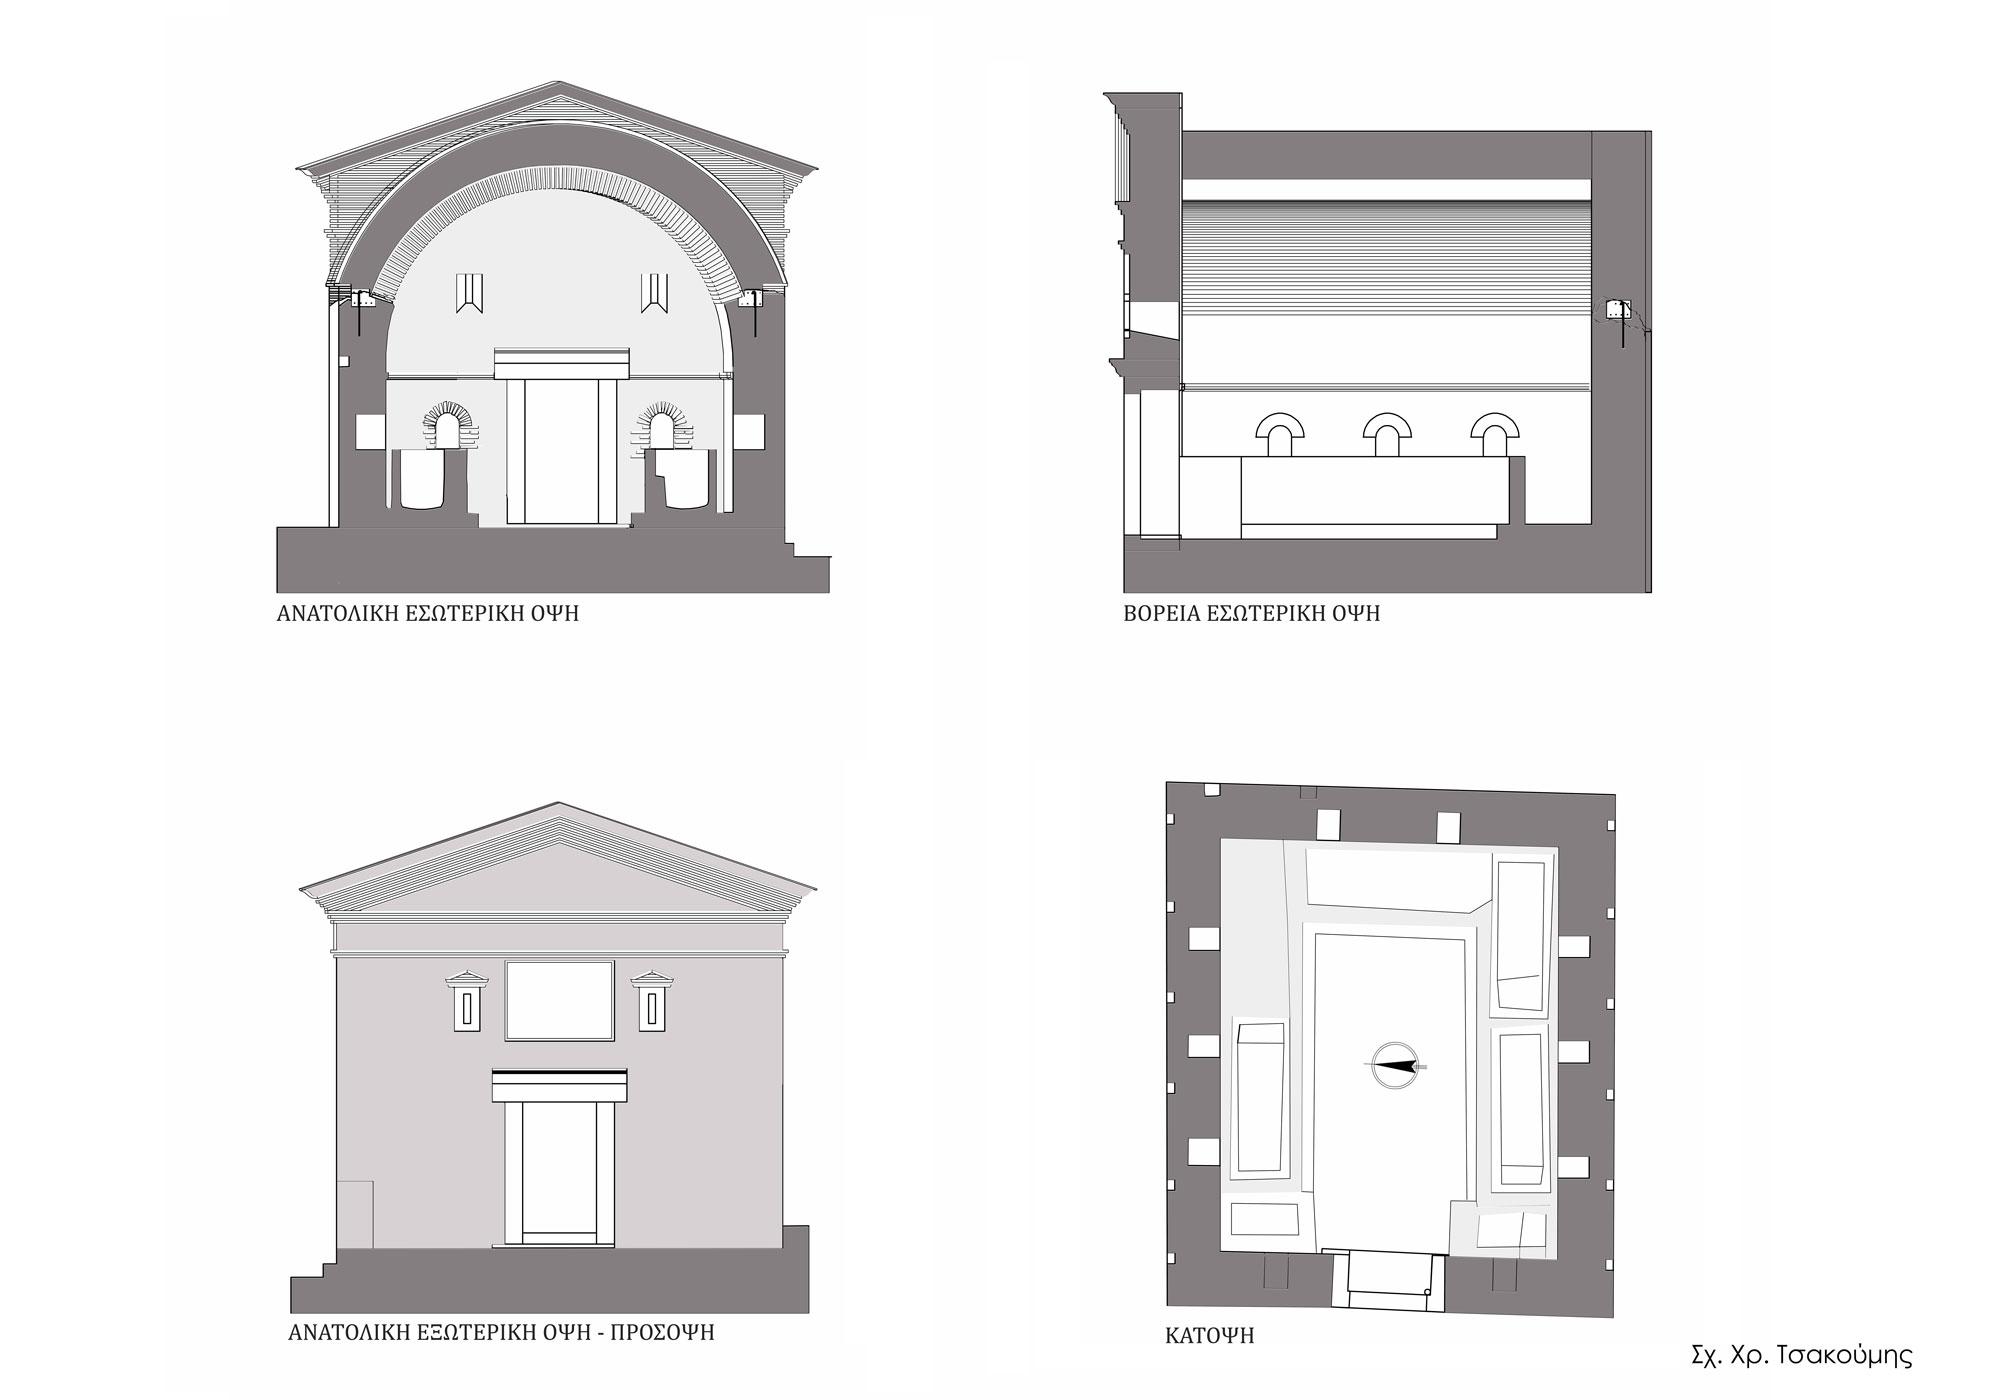 Το Μαυσωλείο αρ. 1: σχεδιαστική αποκατάσταση